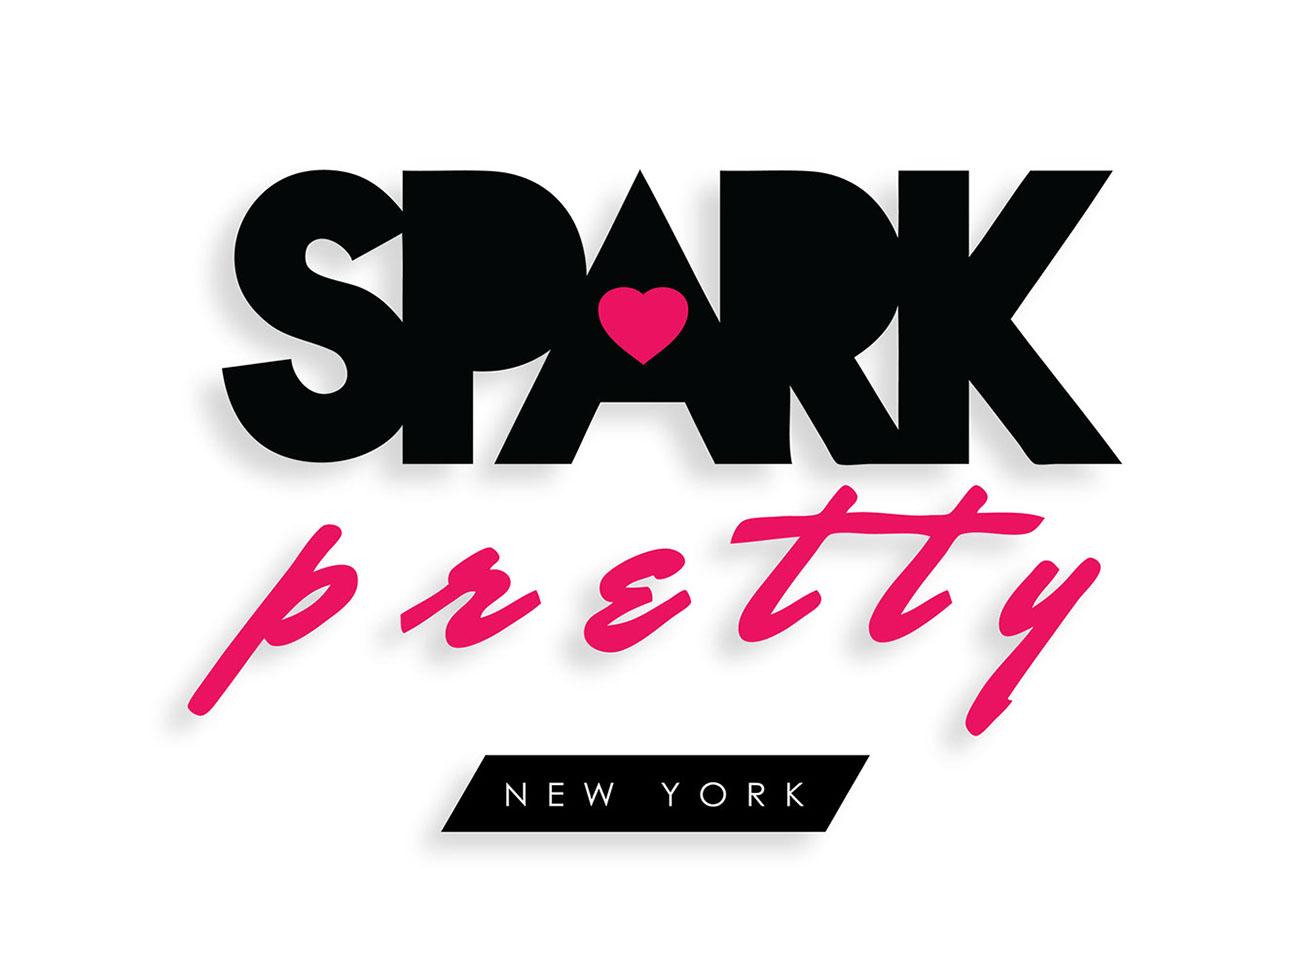 e6fc70b4493 Spark Pretty New York - Vintage Clothing | Personal Stylist | Rock N' Roll  Apparel